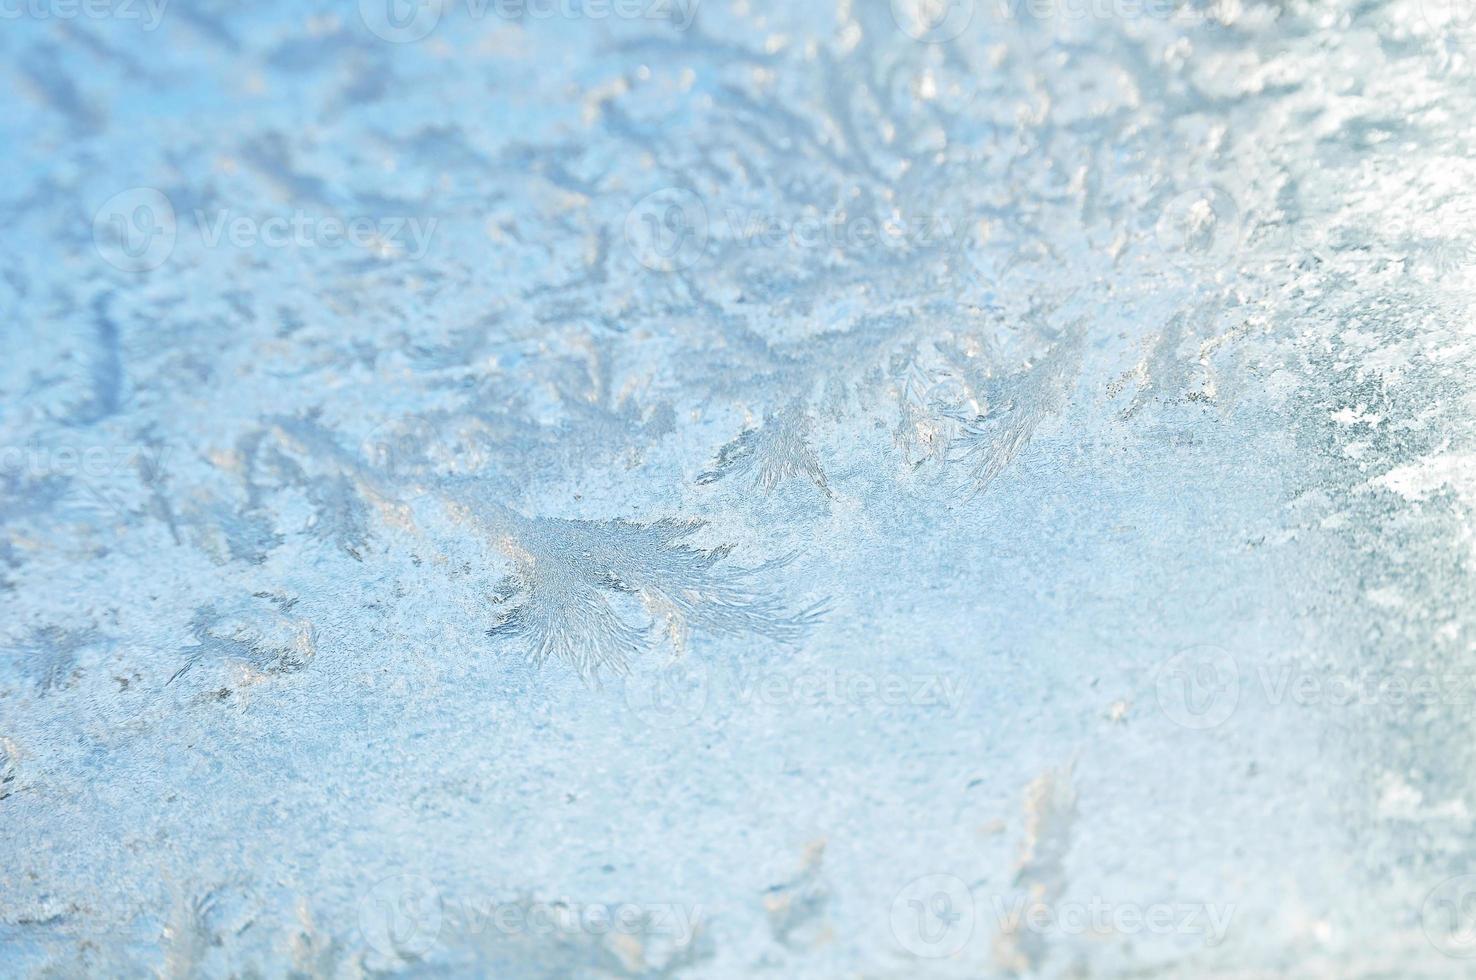 detalle de invierno foto